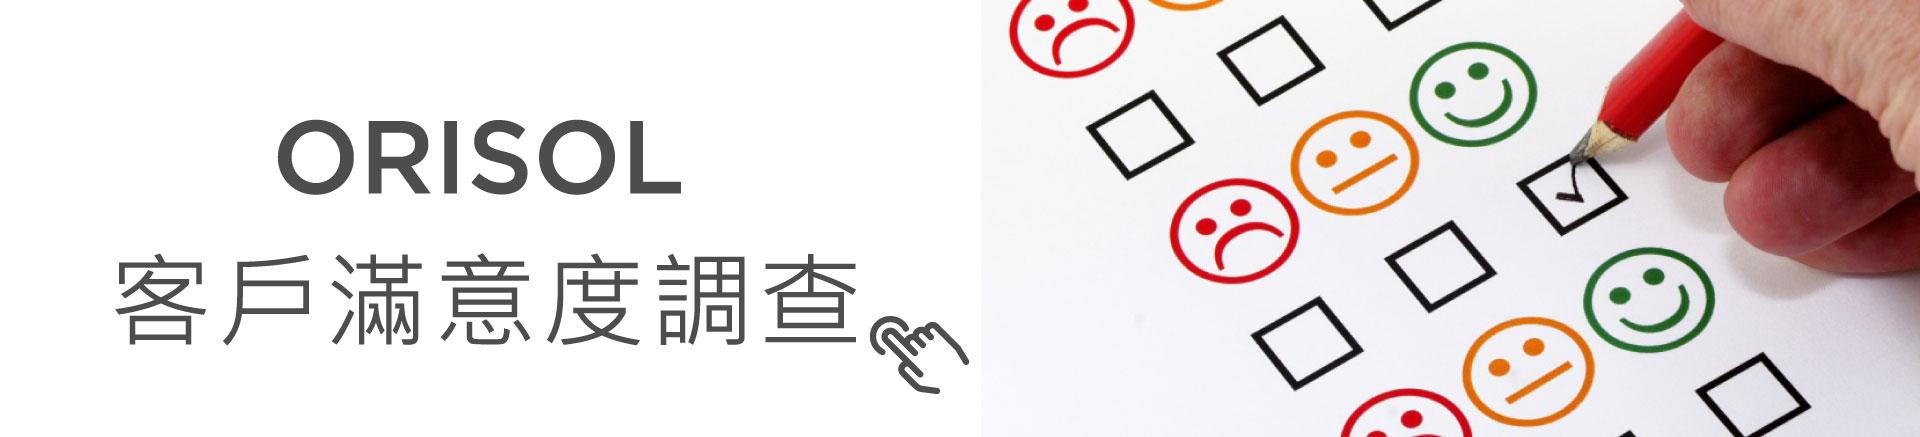 ORISOL-Customer-Survey.jpg